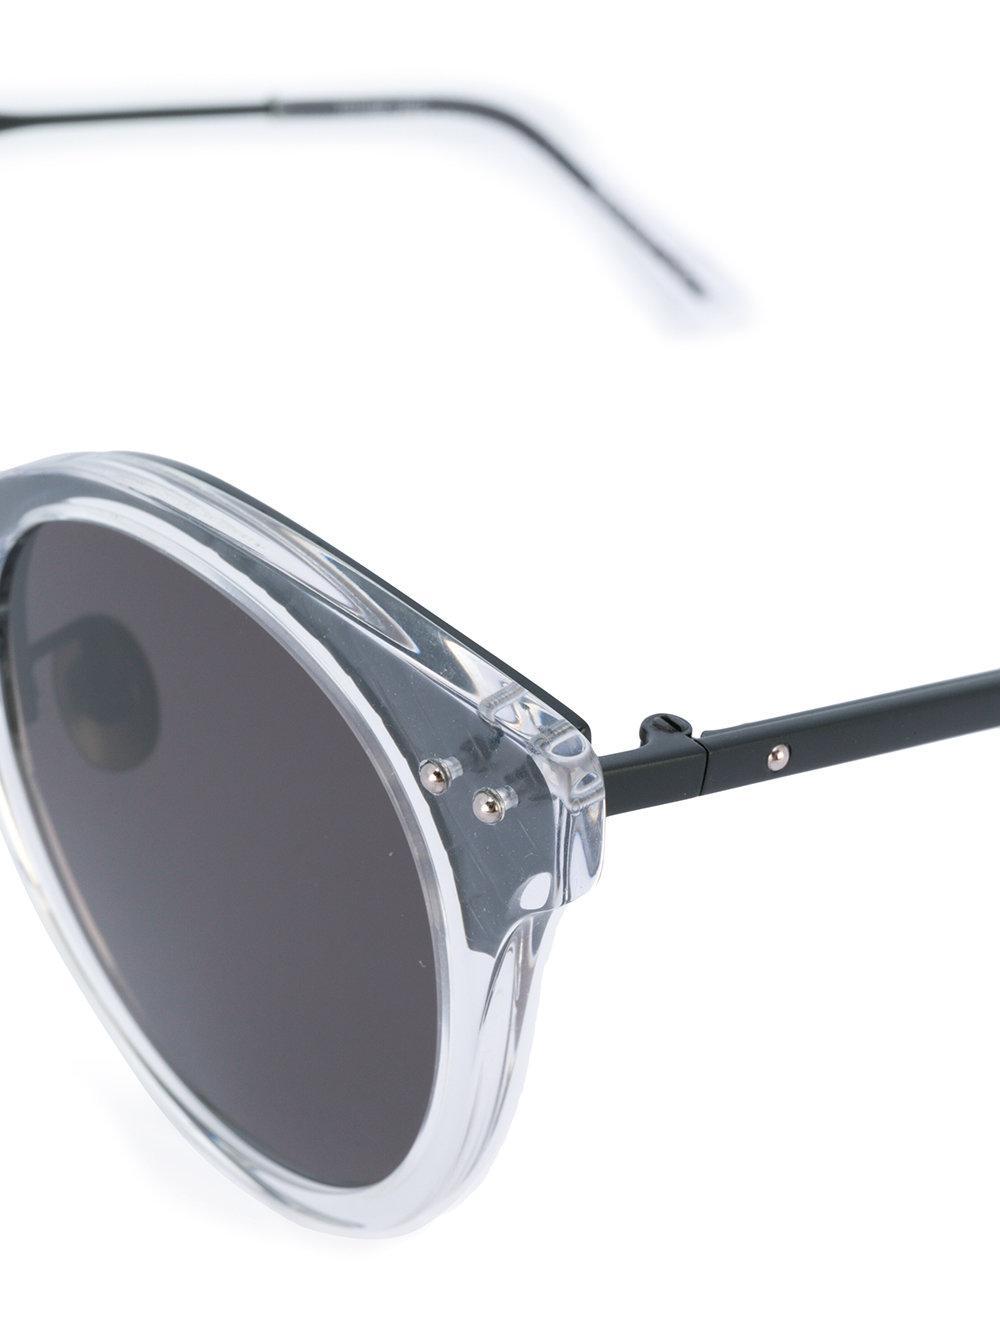 Gafas De Sol Círculo Translúcidos - Bottega Veneta Negro hYBvDnL